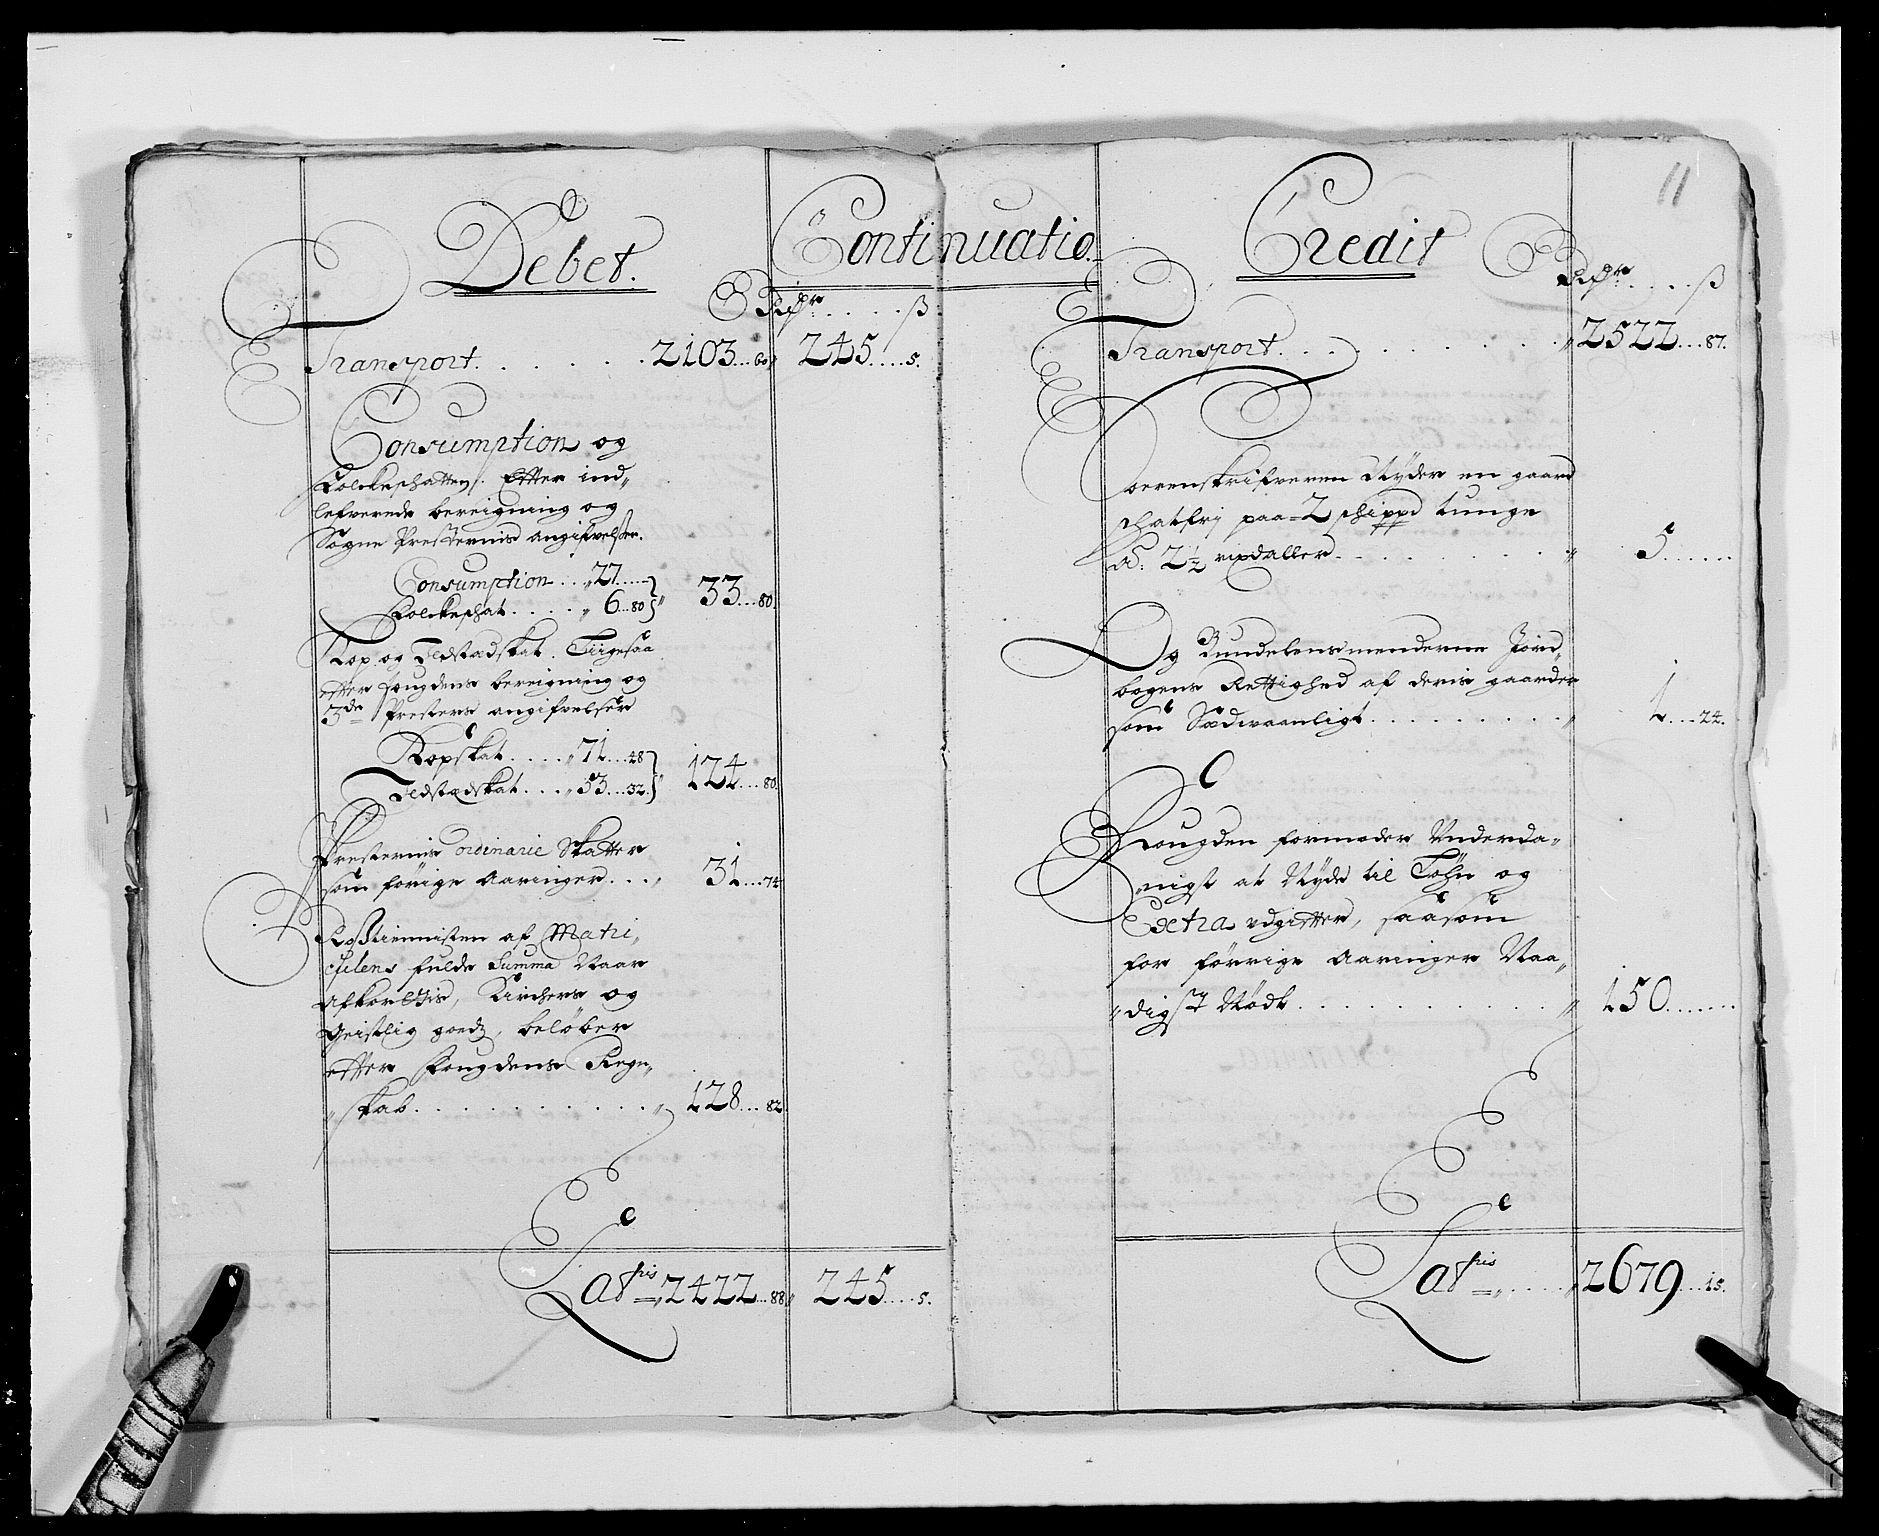 RA, Rentekammeret inntil 1814, Reviderte regnskaper, Fogderegnskap, R24/L1573: Fogderegnskap Numedal og Sandsvær, 1687-1691, s. 233